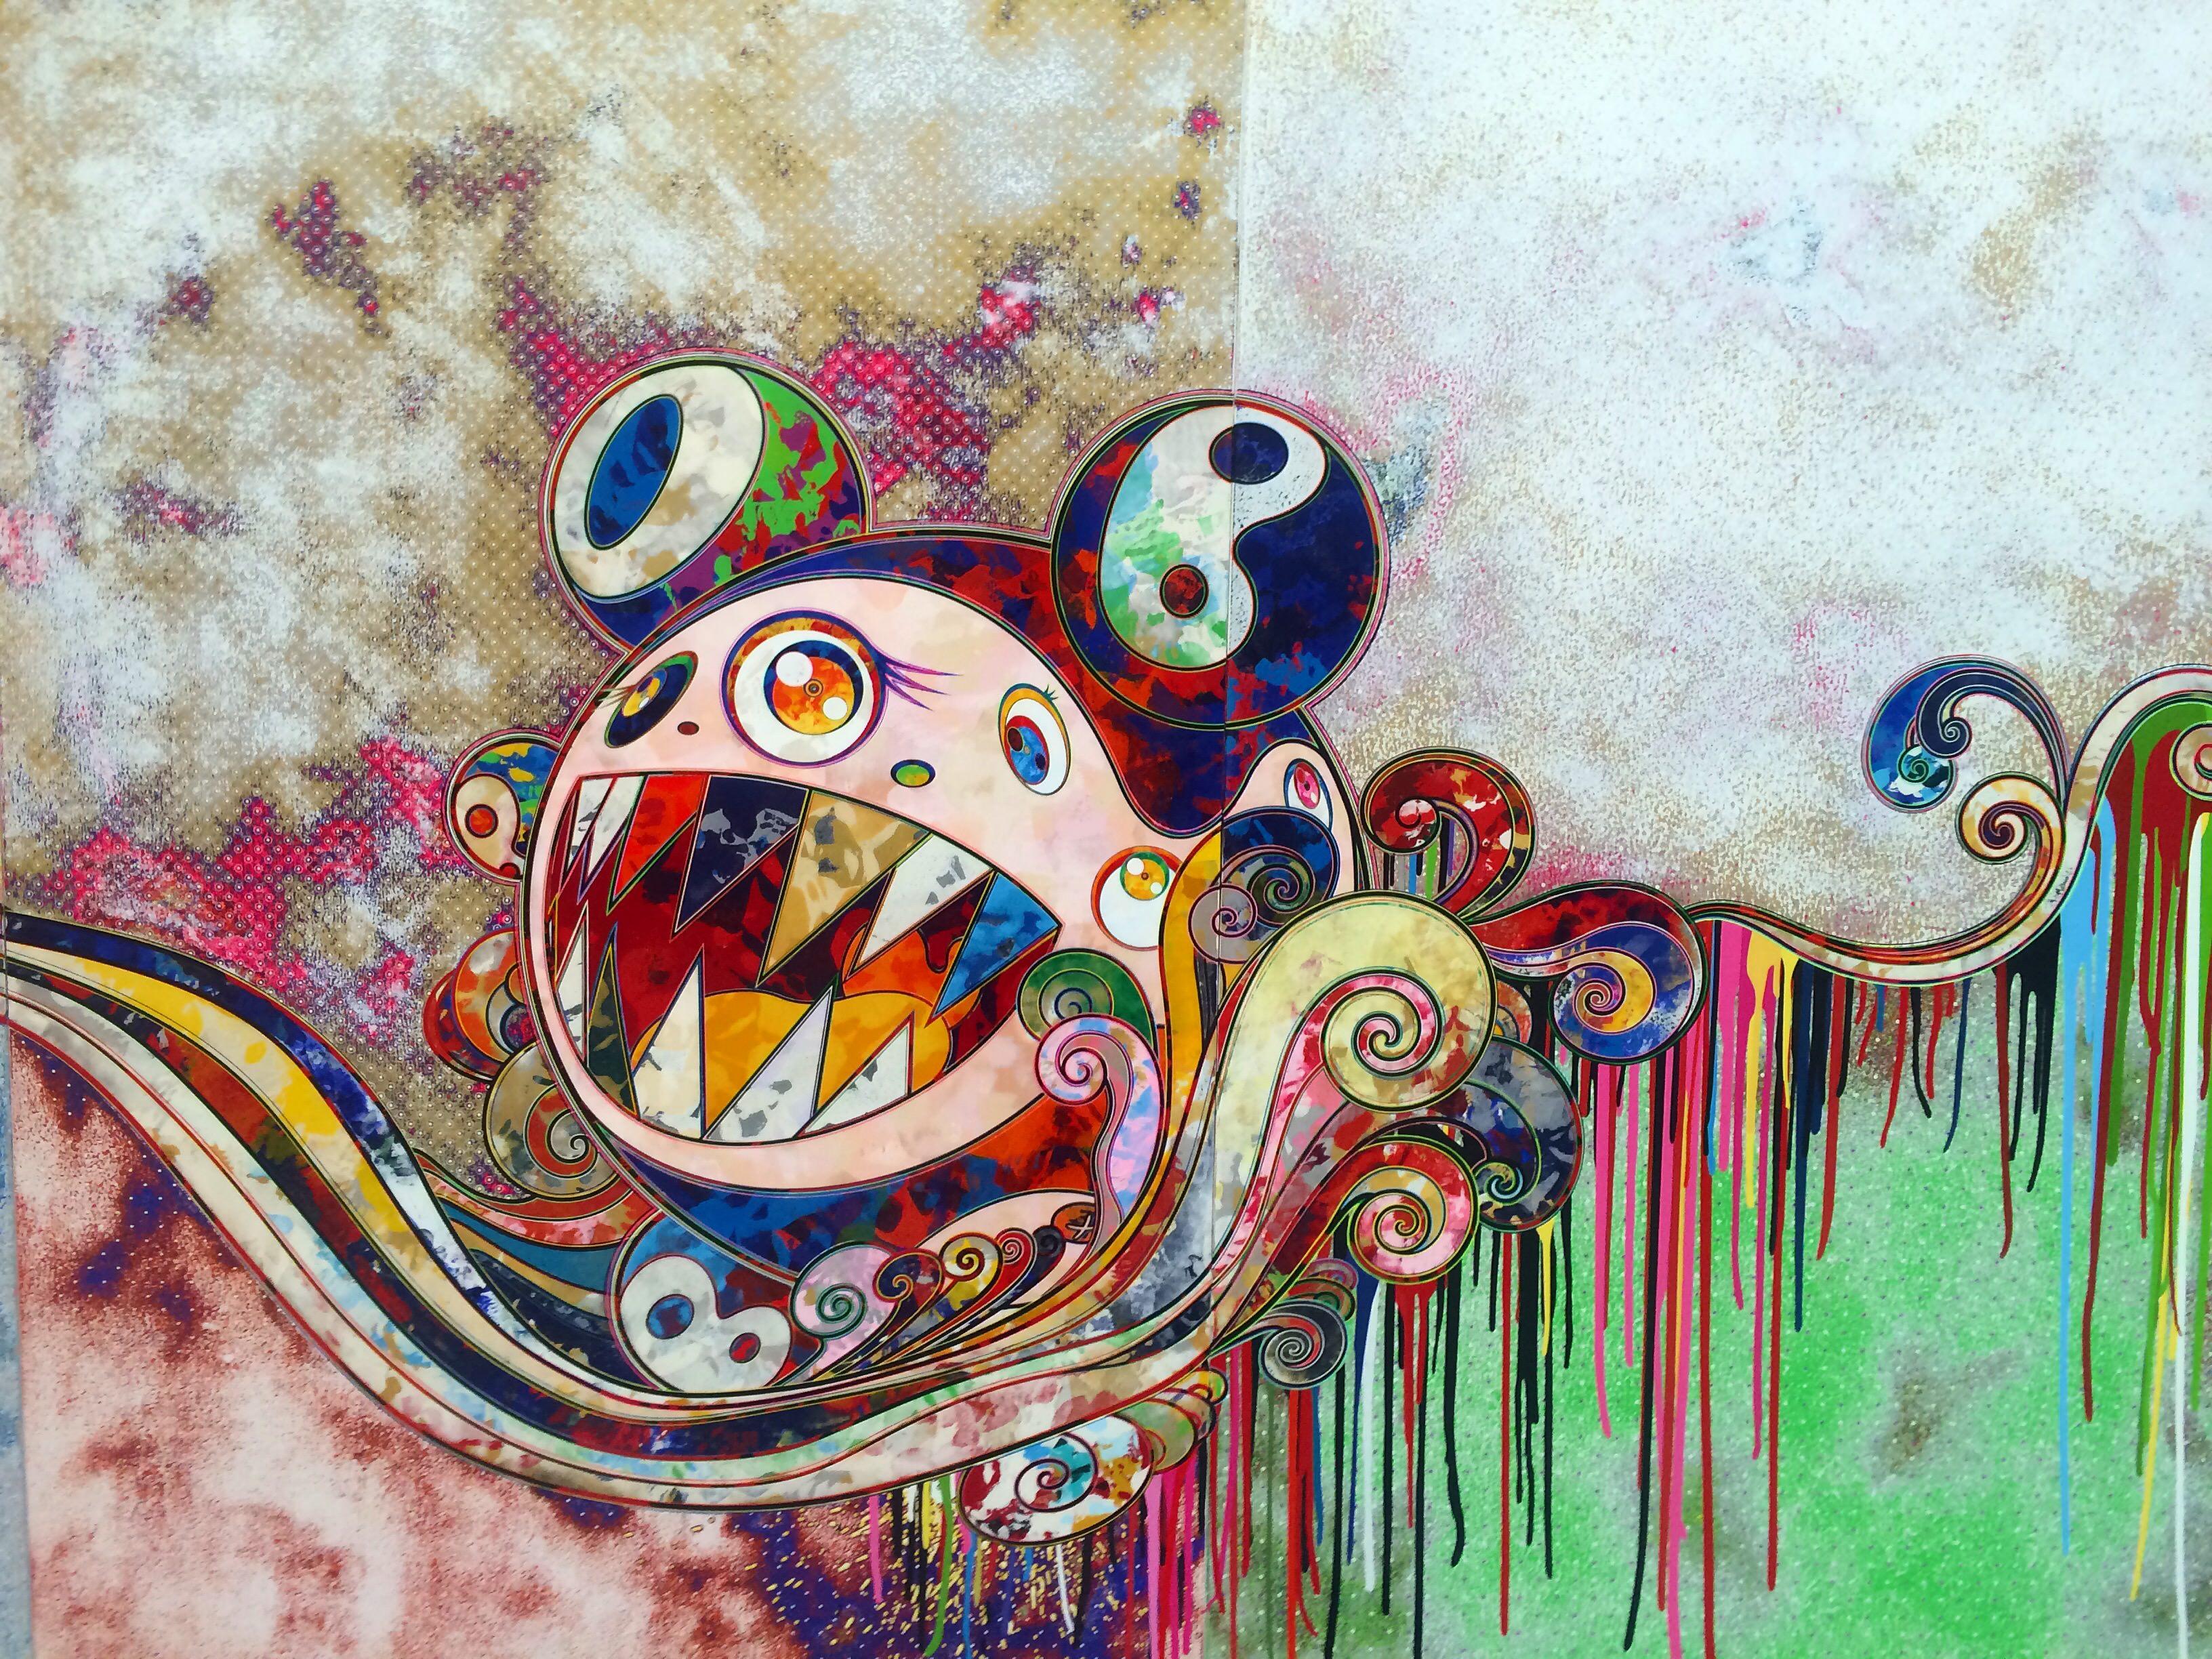 Détail d'une œuvre de Takashi Murakami à la galerie Perrotin.